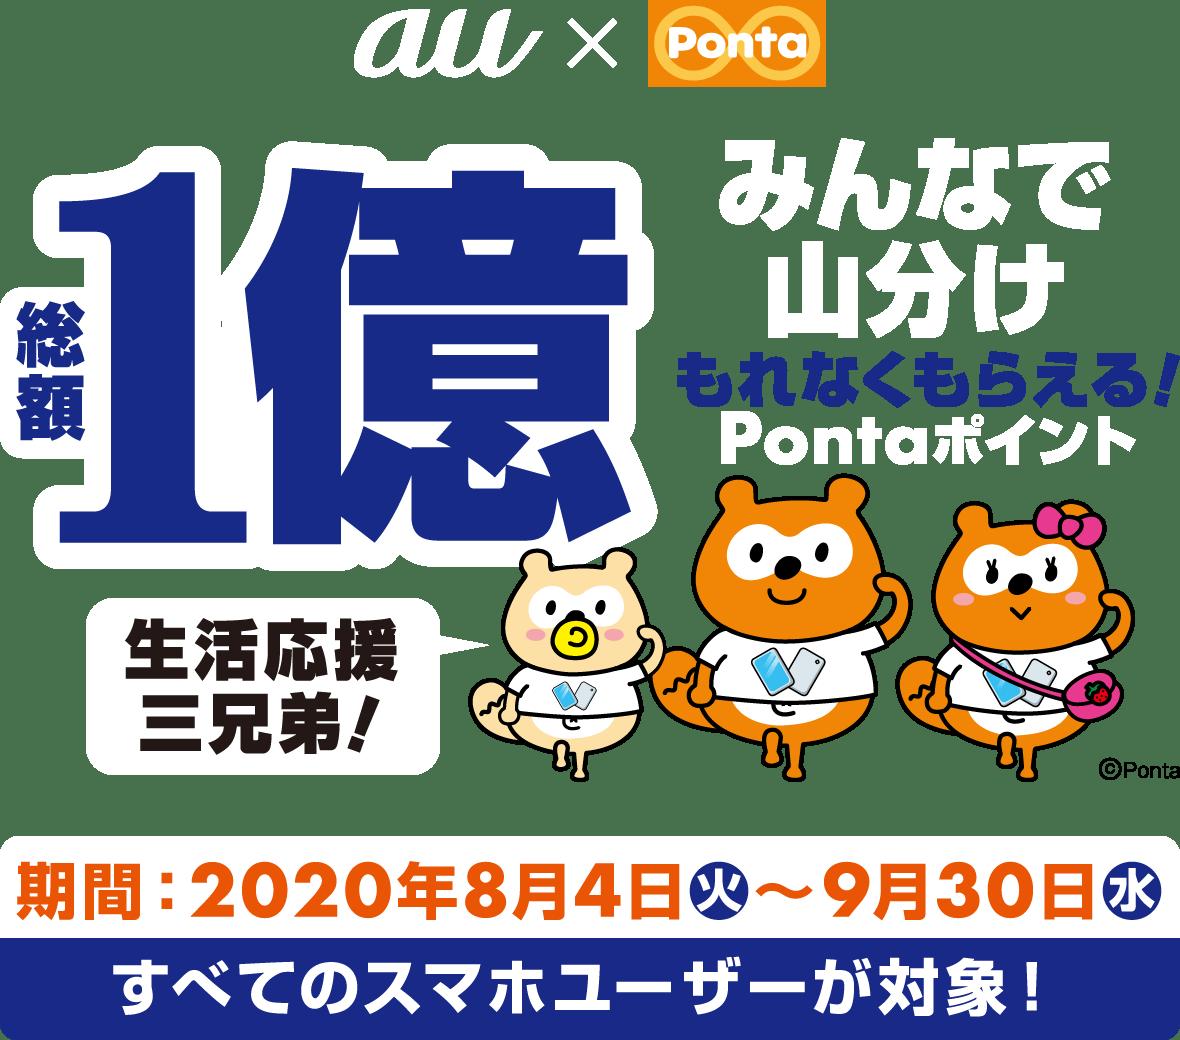 総額1億Pontaポイント!みんなで山分けキャンペーン キャンペーン期間:2020年8月4日(火)~9月30日(水)